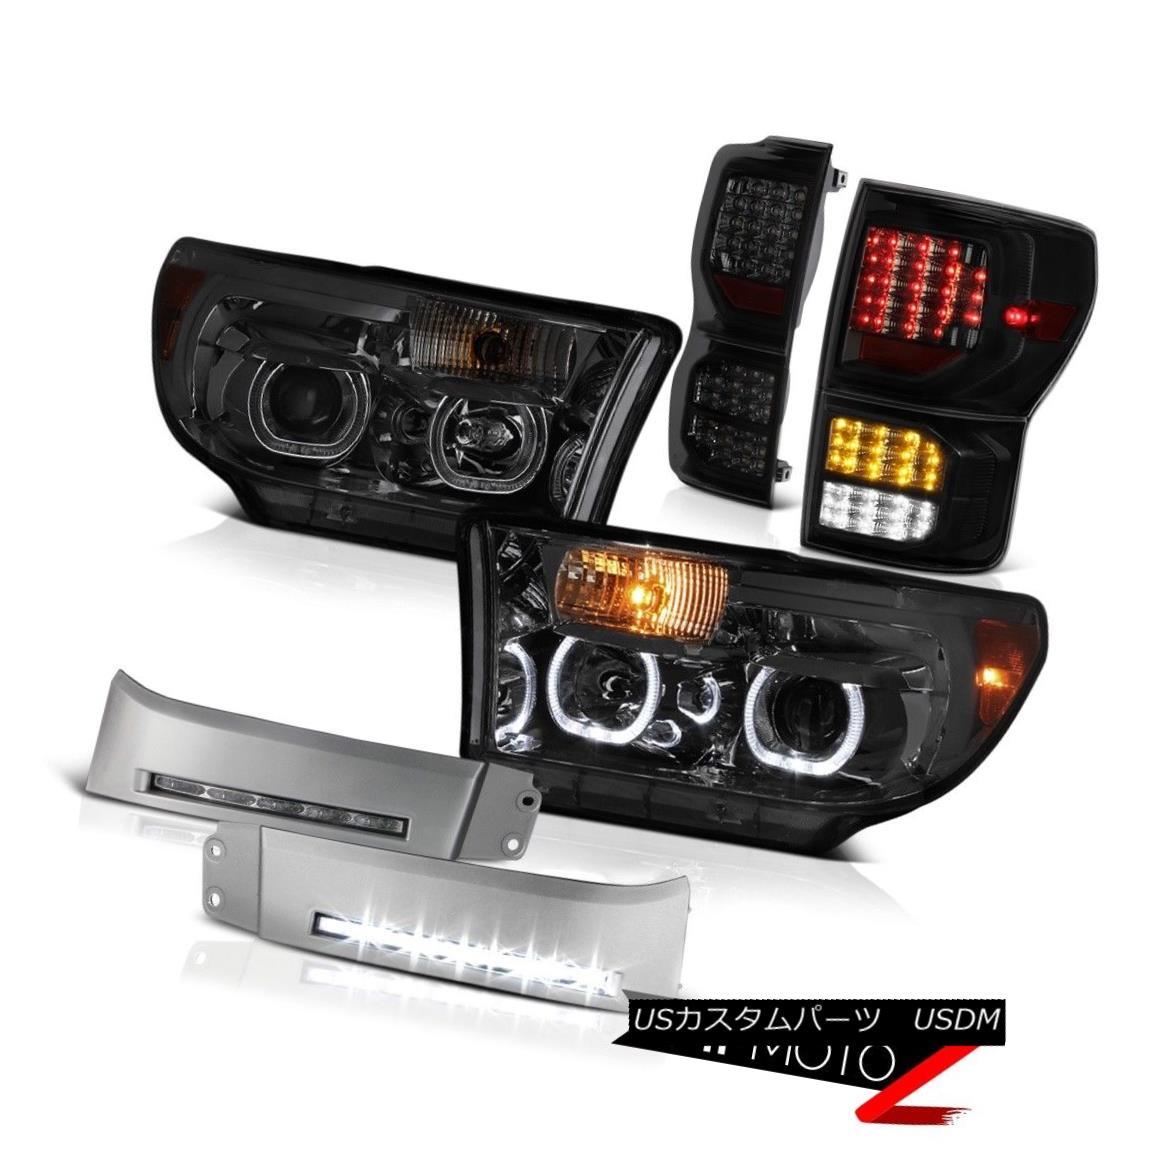 ヘッドライト 07-13 Toyota Tundra SR5 Tail Lights Phantom Smoke Headlights DRL Strip Dual Halo 07-13トヨタトンドラSR5テールライトファントムスモークヘッドライトDRLストリップデュアルヘイロー